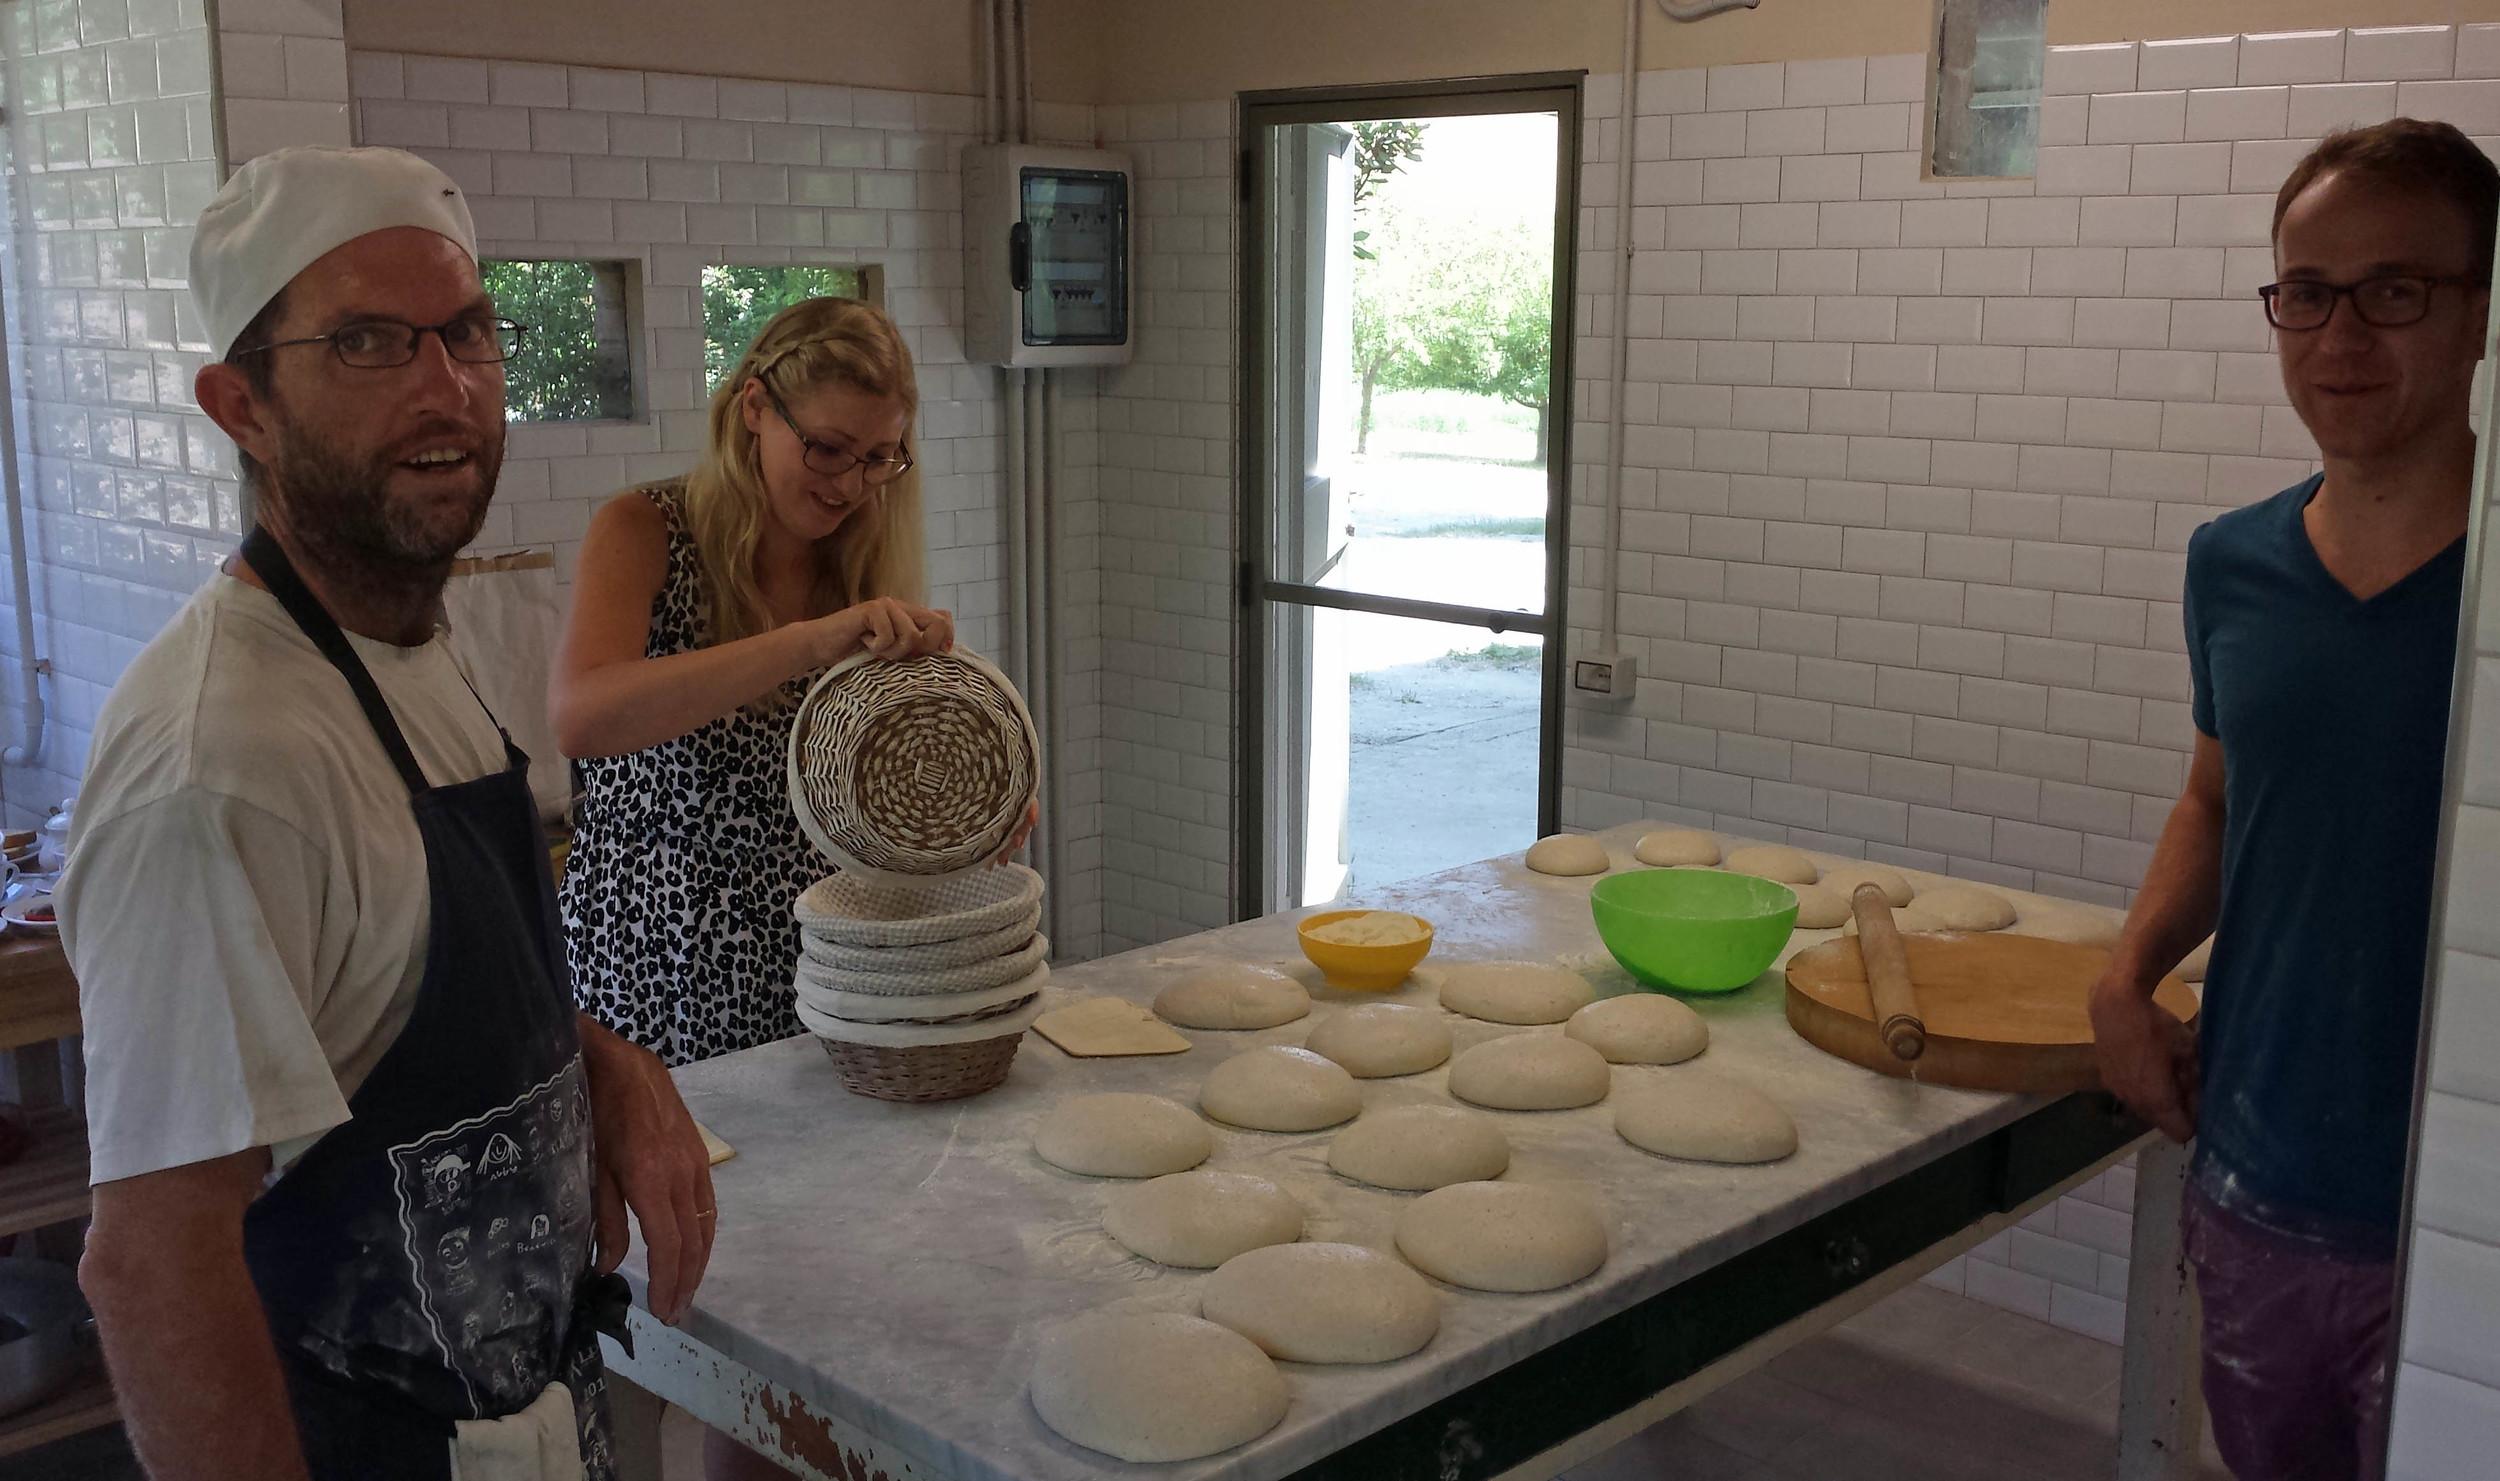 Barbialla-Nuova-bread-lesson-Ken-Hercott